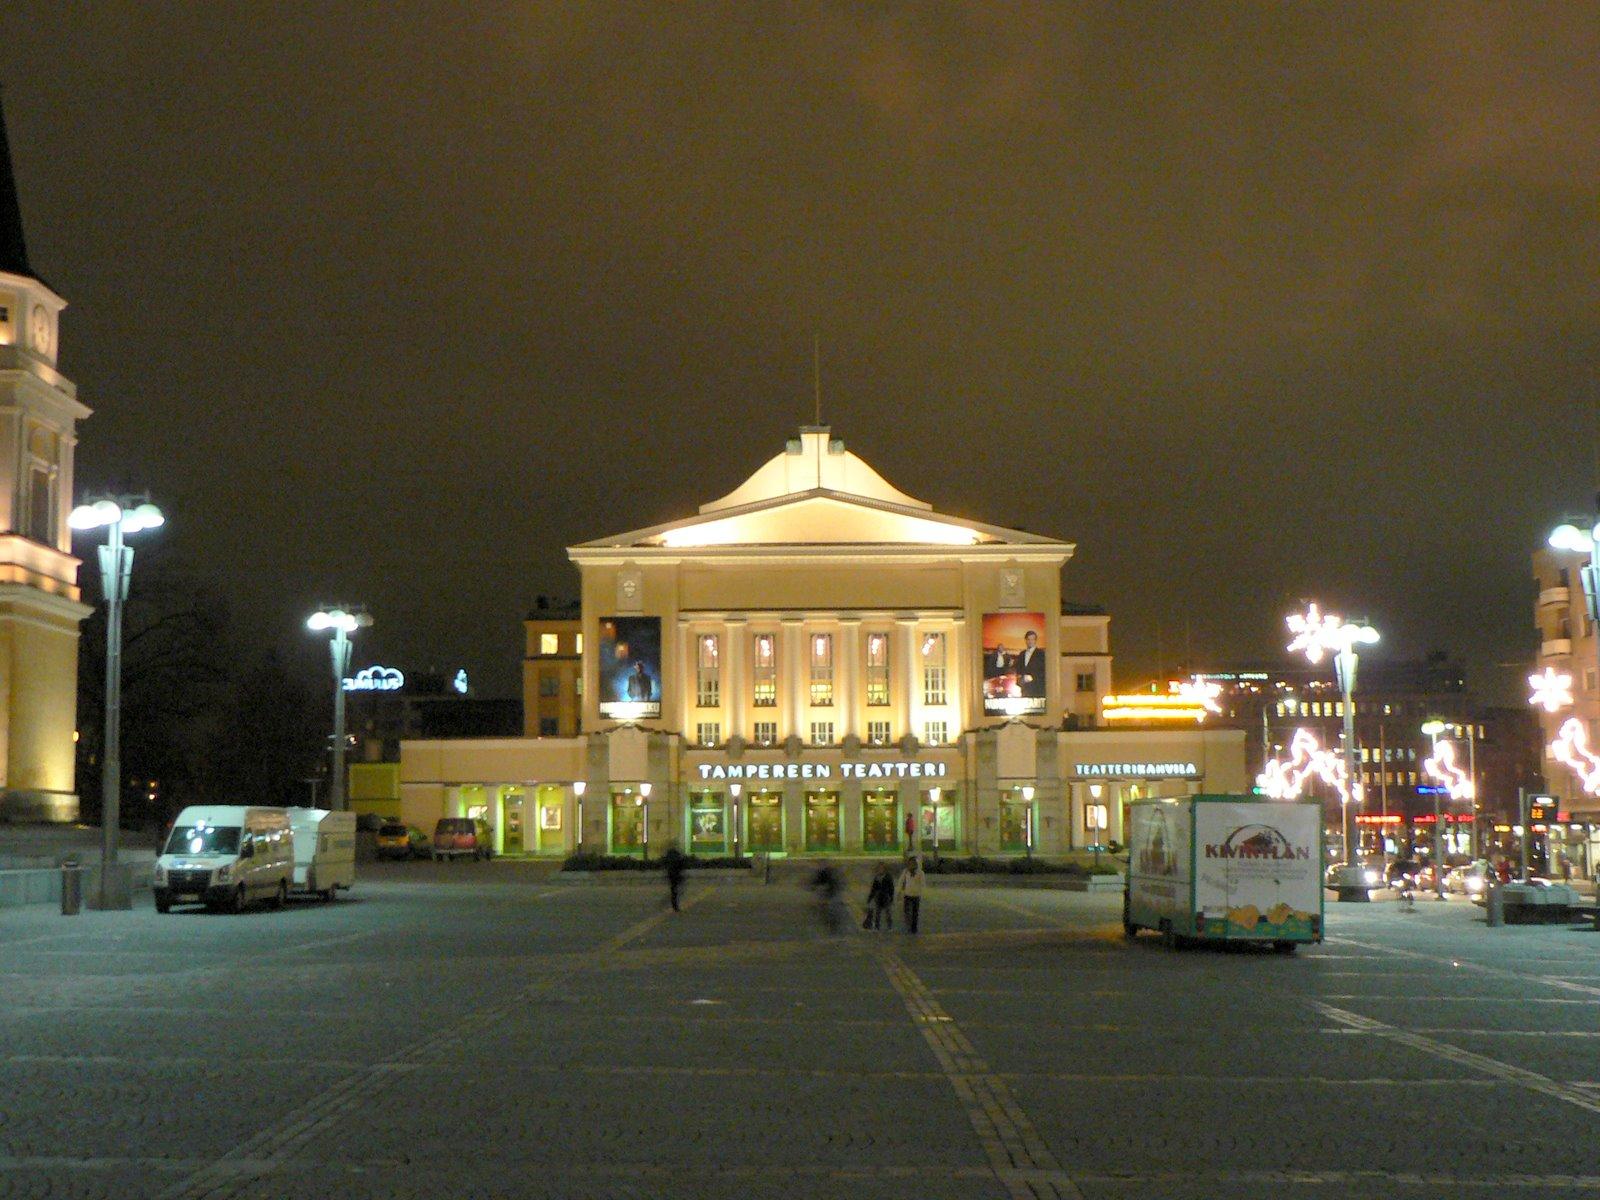 Tampere Teatteri